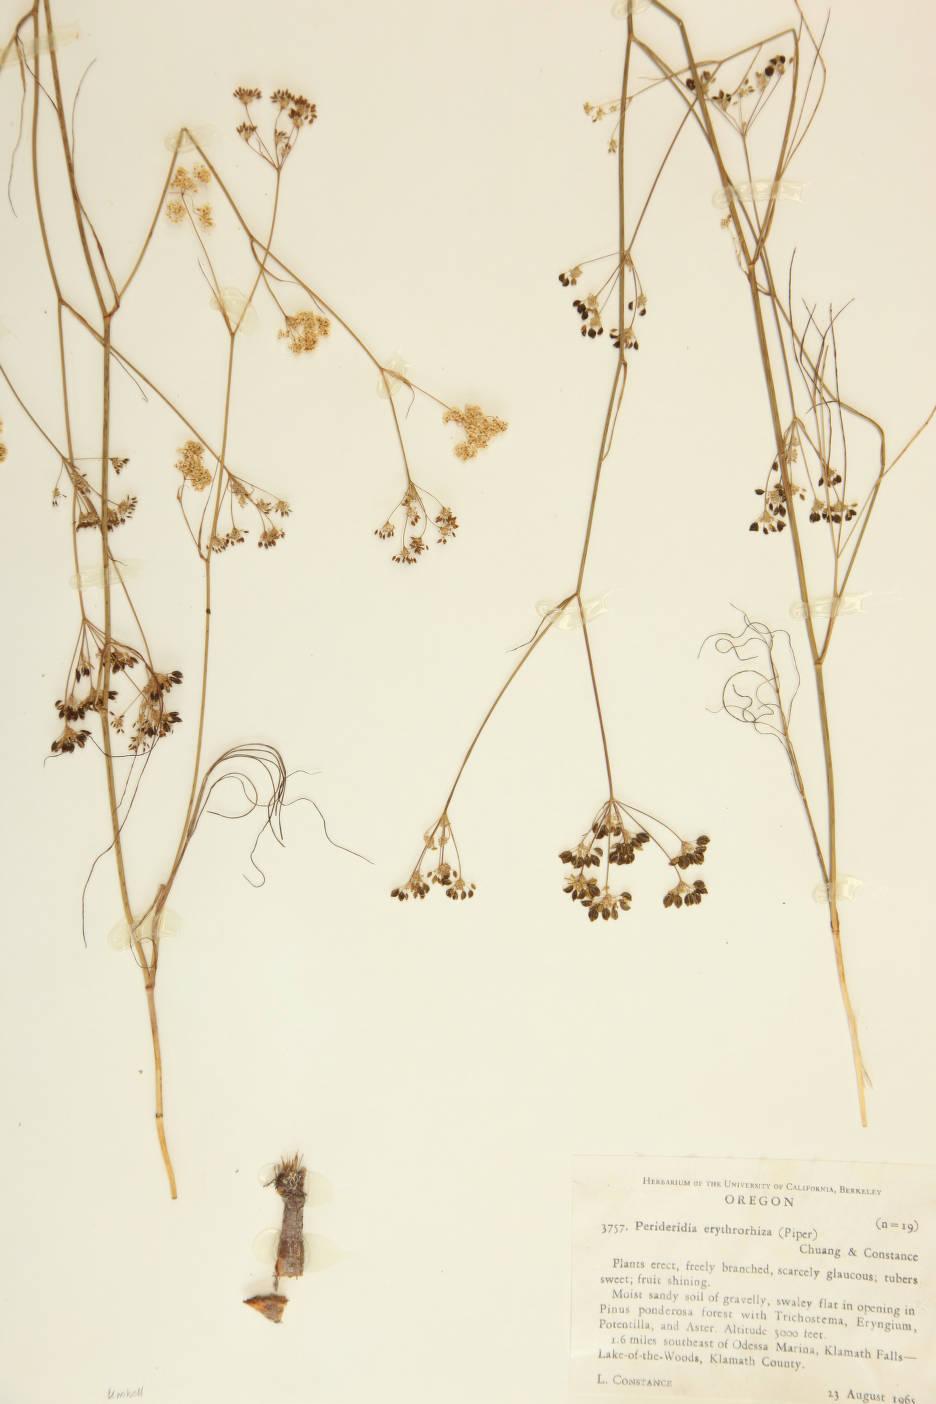 Image of Perideridia erythrorhiza